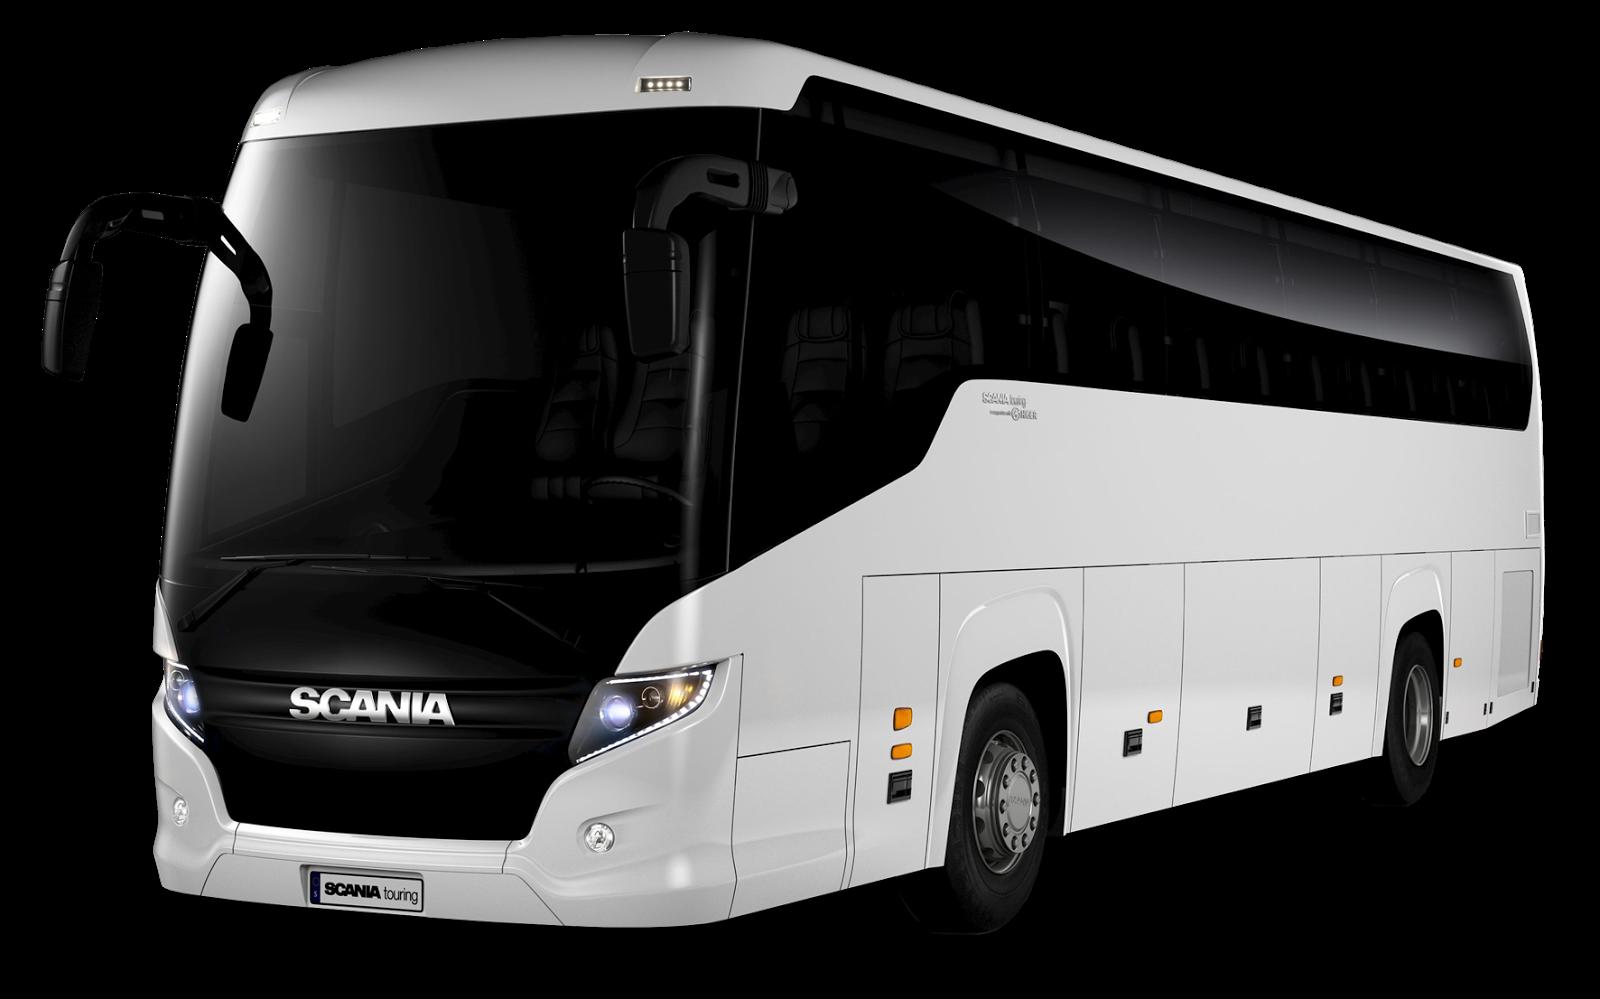 Daftar Harga Bus Pariwisata Daftar Harga Bus Pariwisata